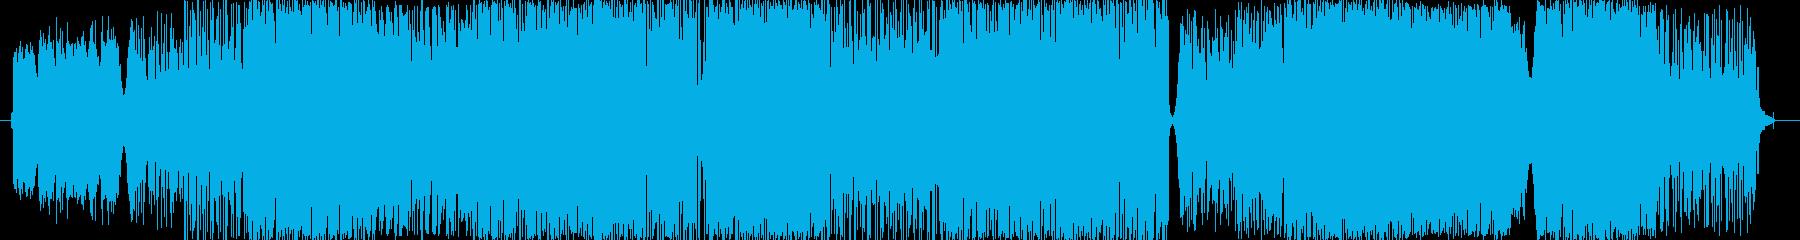 印象的なバラードの再生済みの波形